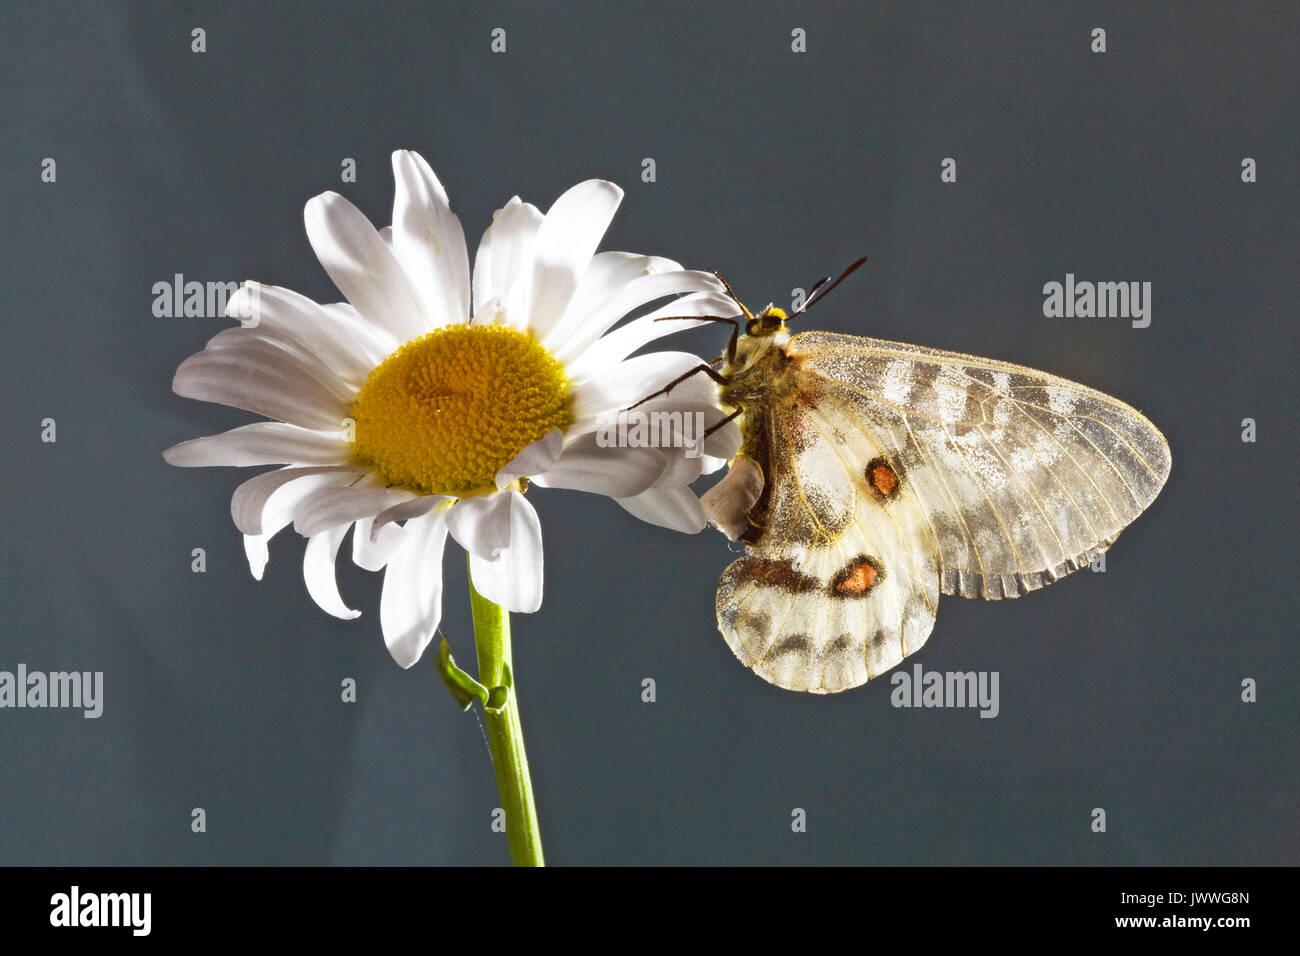 Portrait d'une femme, papillon Parnassius Clodius clodius parnassienne, également connu sous le nom de American Apollo, Apollo, Clodius et avec un sphragis attaché à Photo Stock